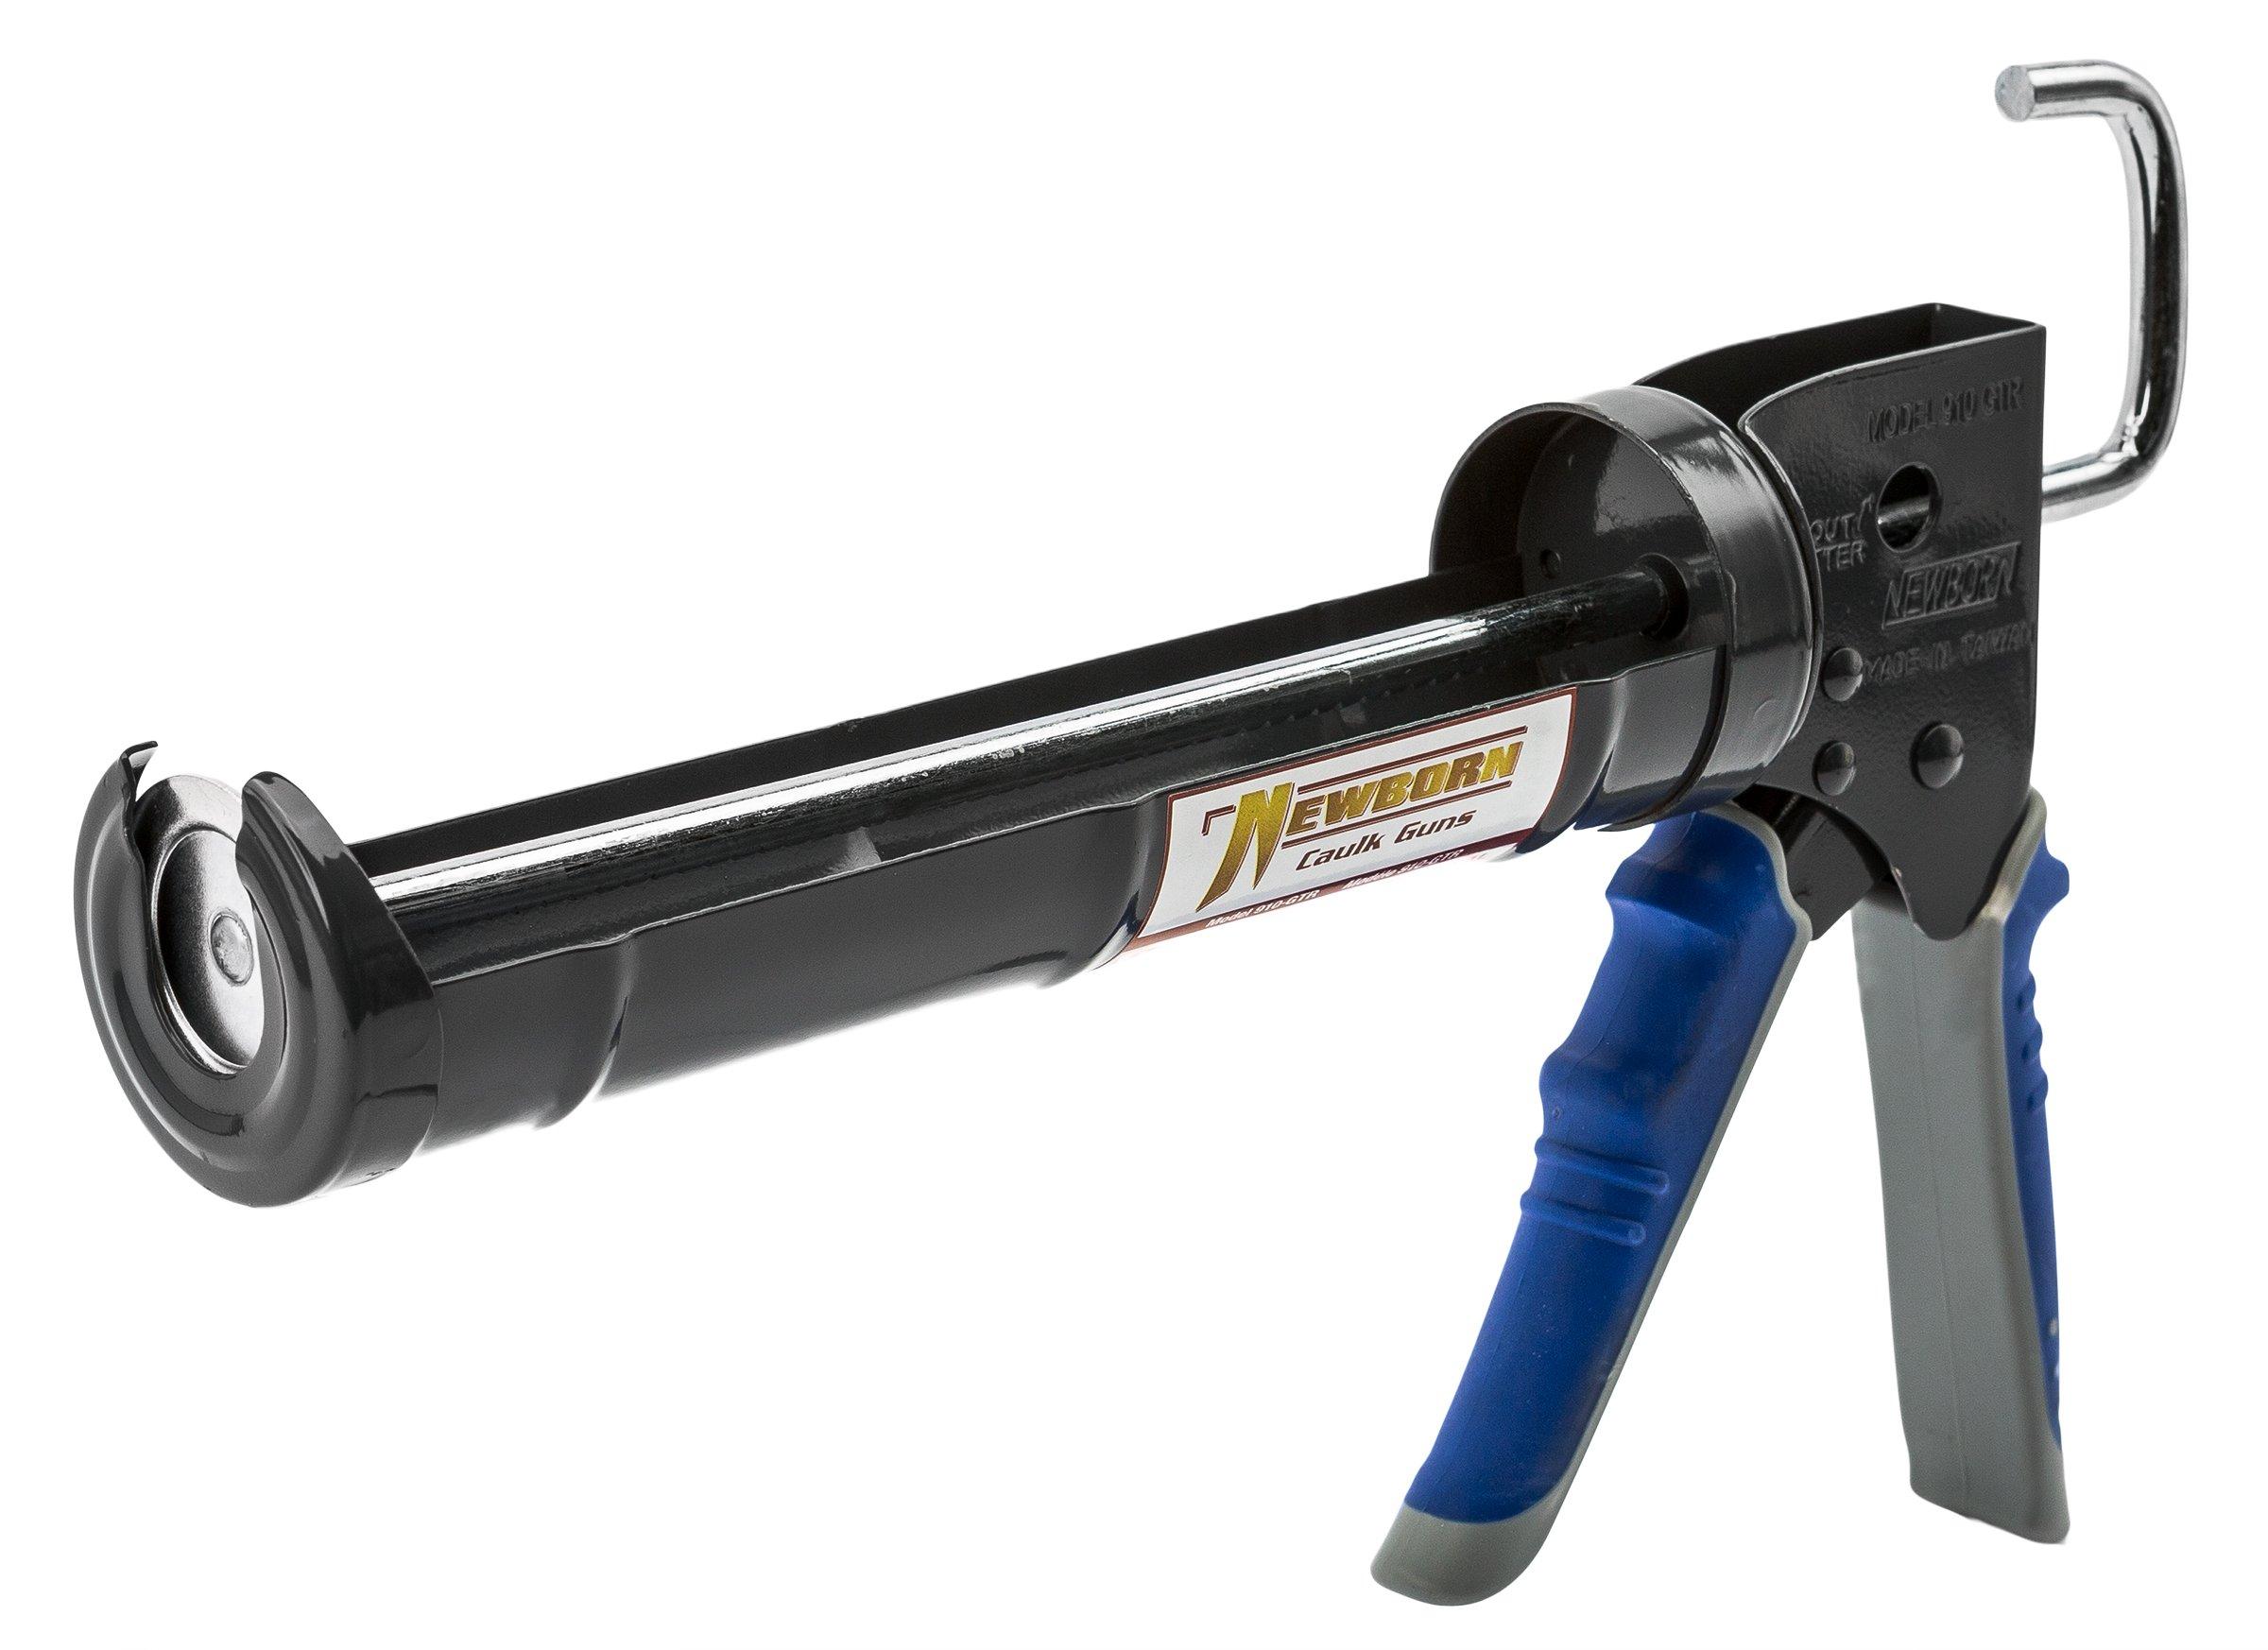 Newborn Pro Super Ratchet Rod Caulk Gun